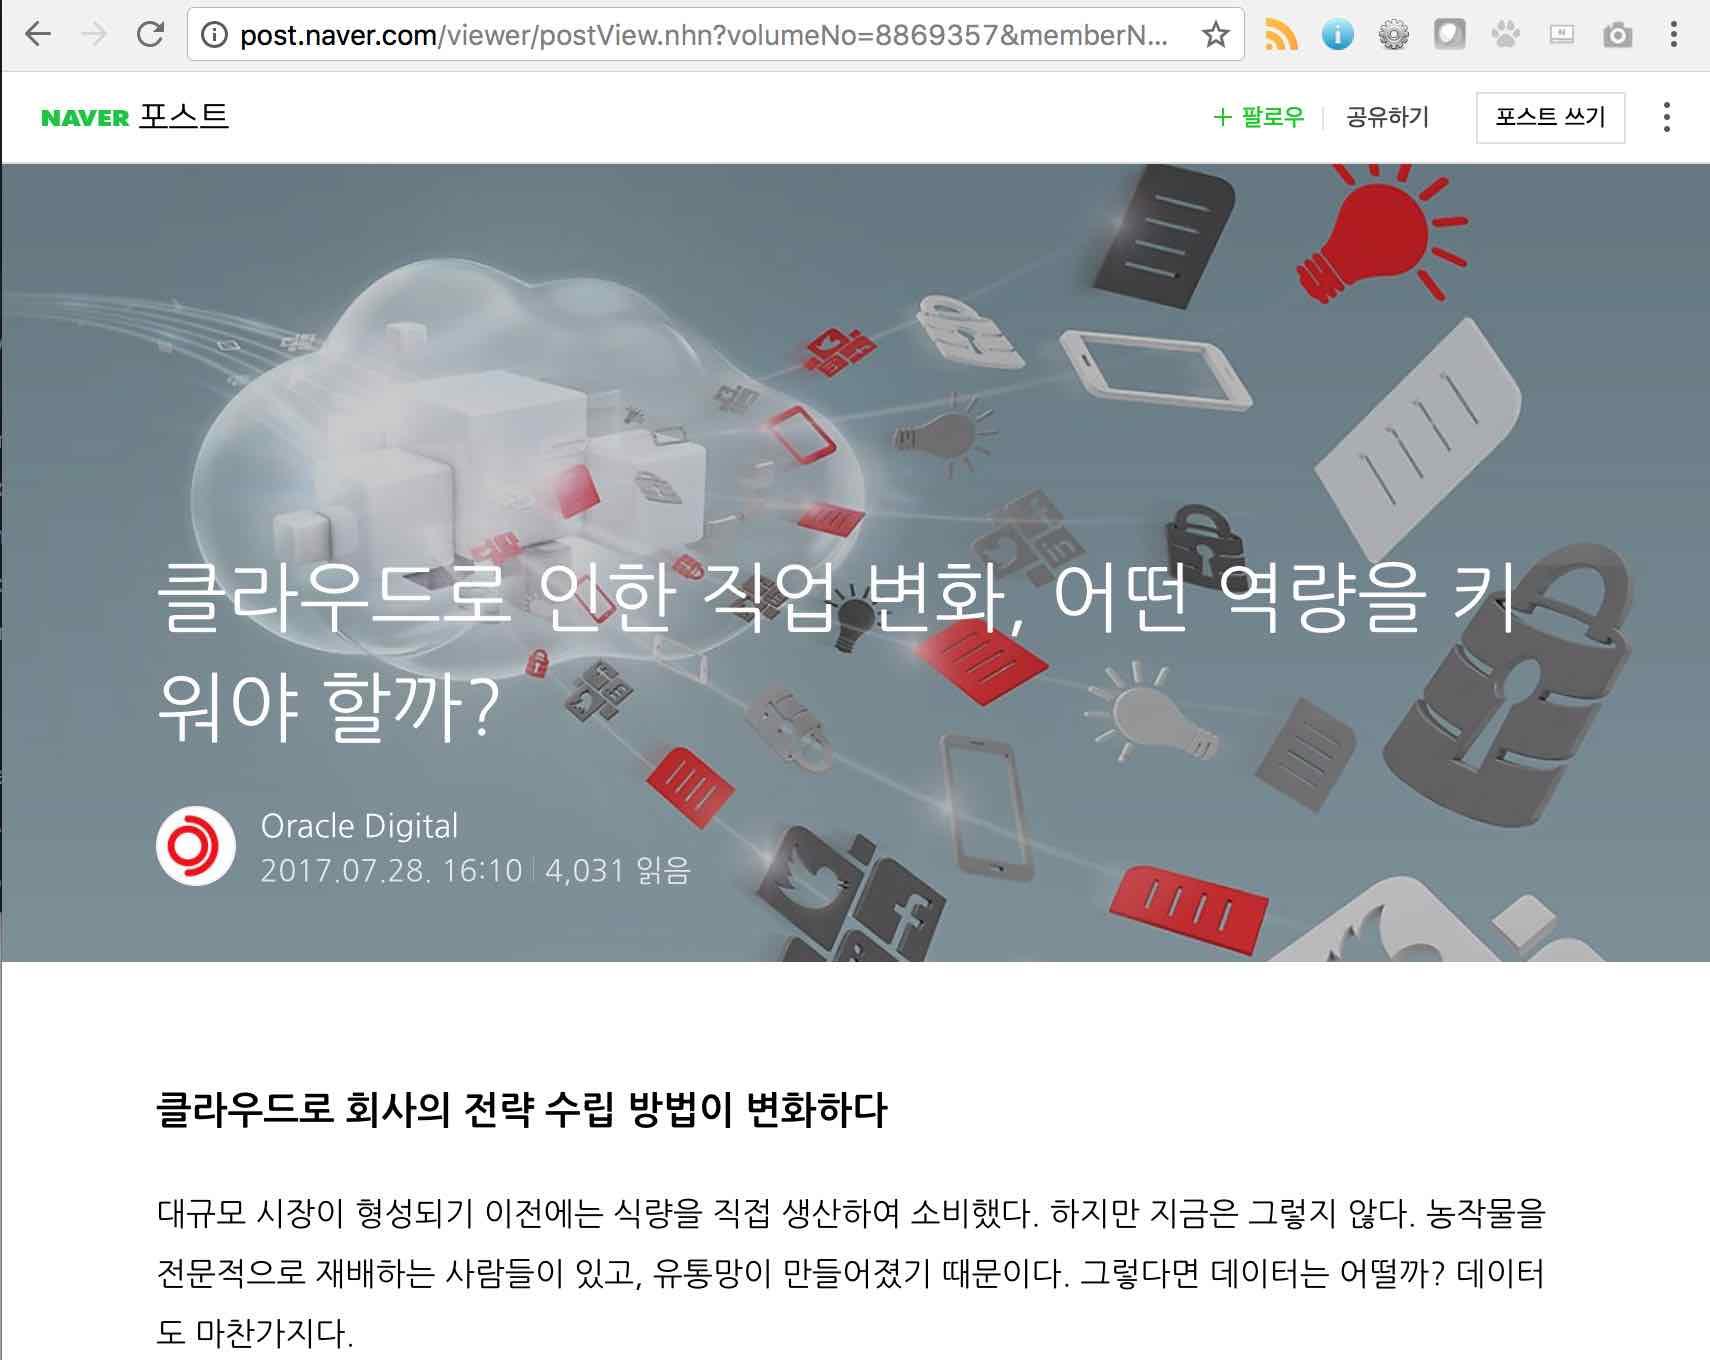 네이버 메일 포스트: 클라우드로 인한 직업 변화